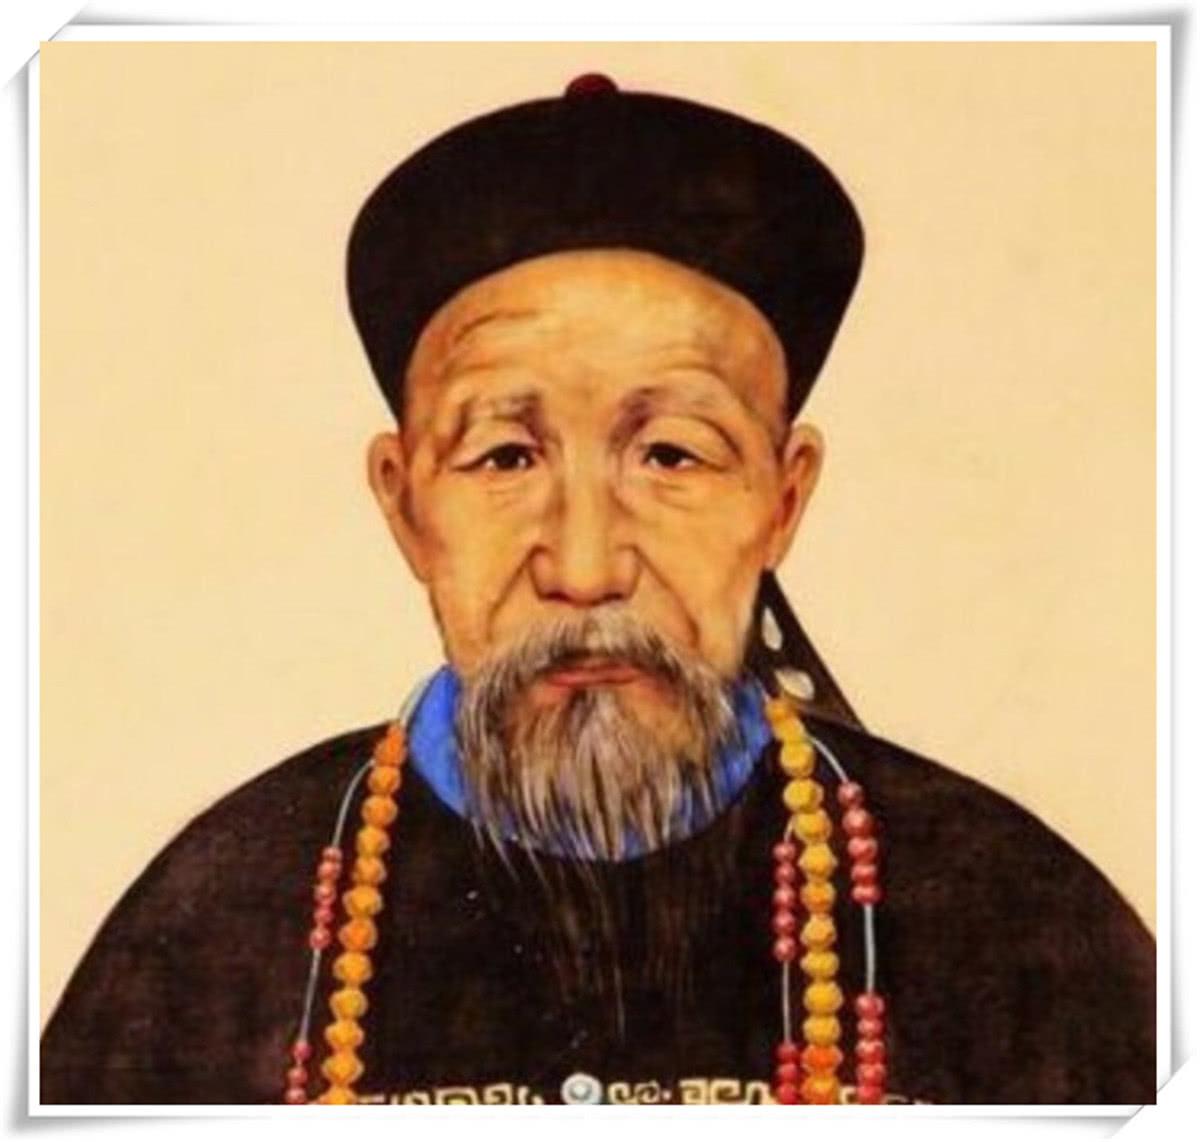 晚清历史上曾国藩是官场楷模,立下4条遗嘱,现代人都应学